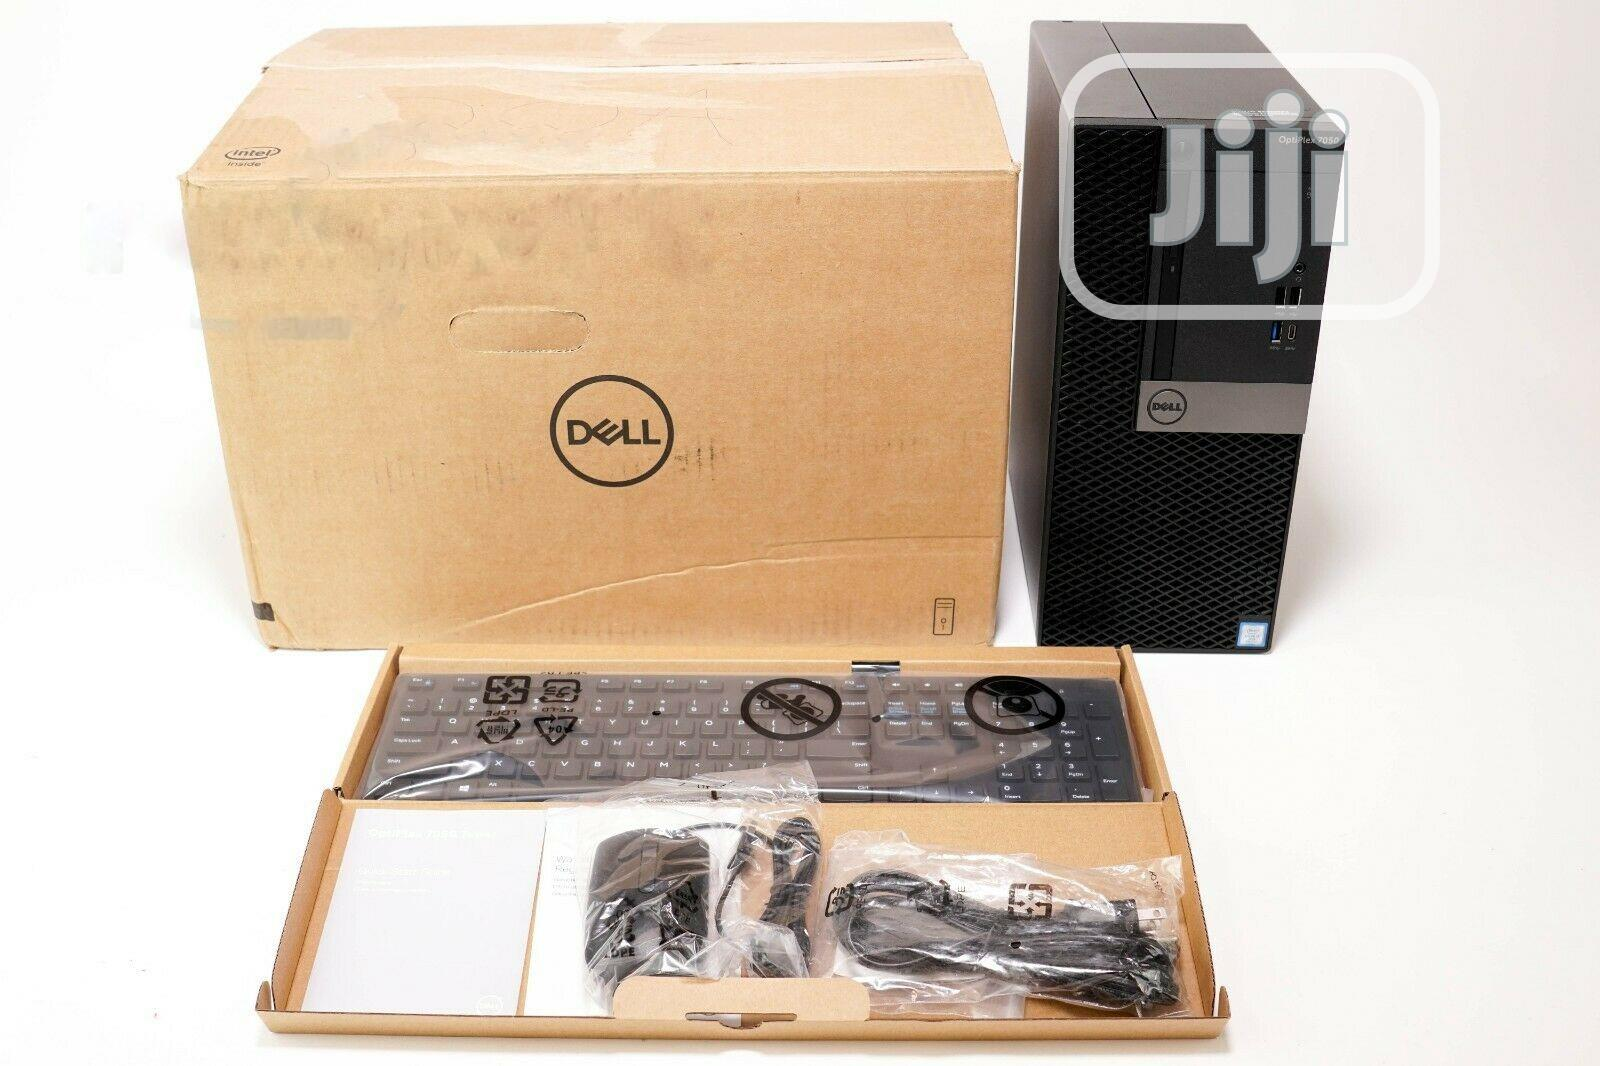 New Desktop Computer Dell OptiPlex 7050 16GB Intel Core i7 HDD 1T